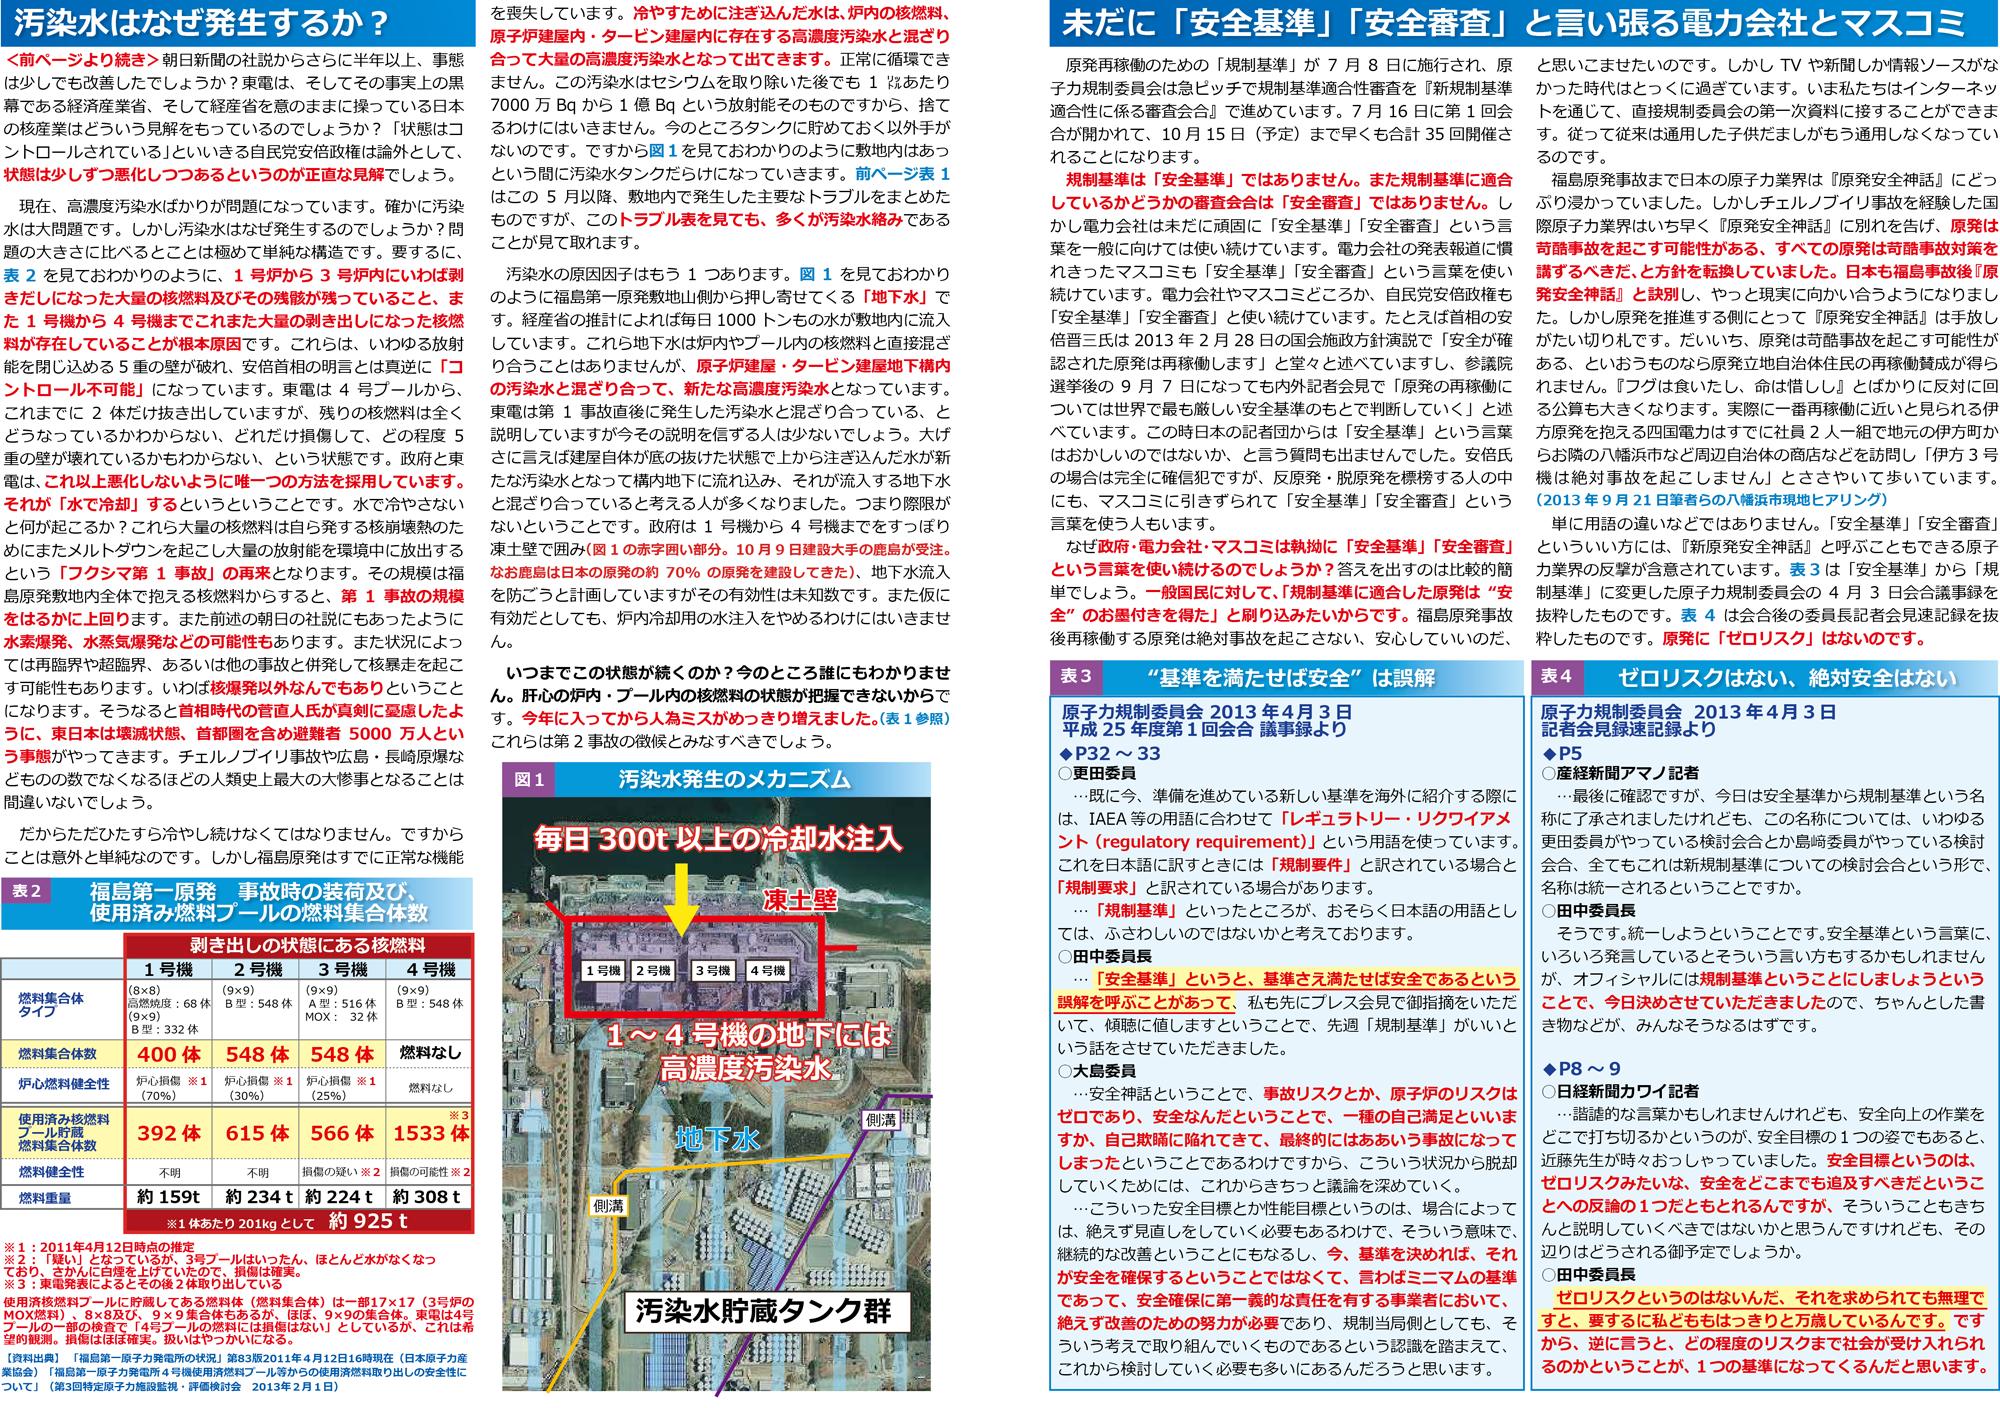 ファイル 207-2.jpg